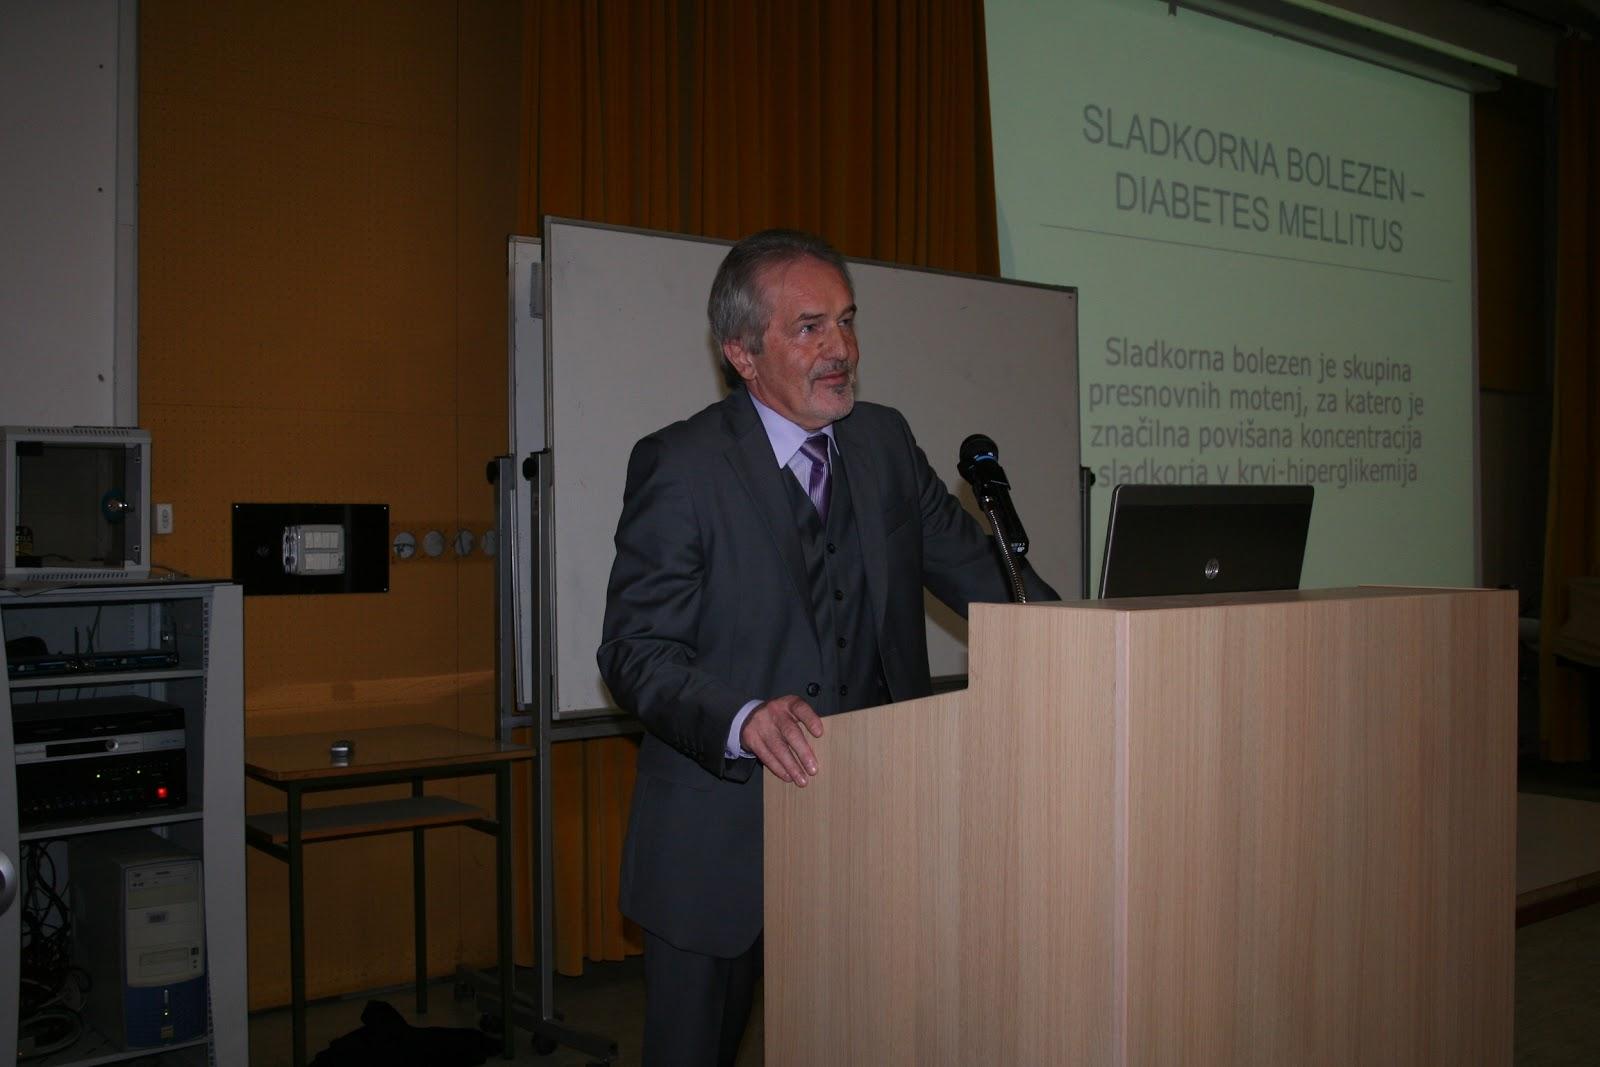 Predavanje - dr. Tomaž Camlek - oktober 2012 - IMG_6886.JPG